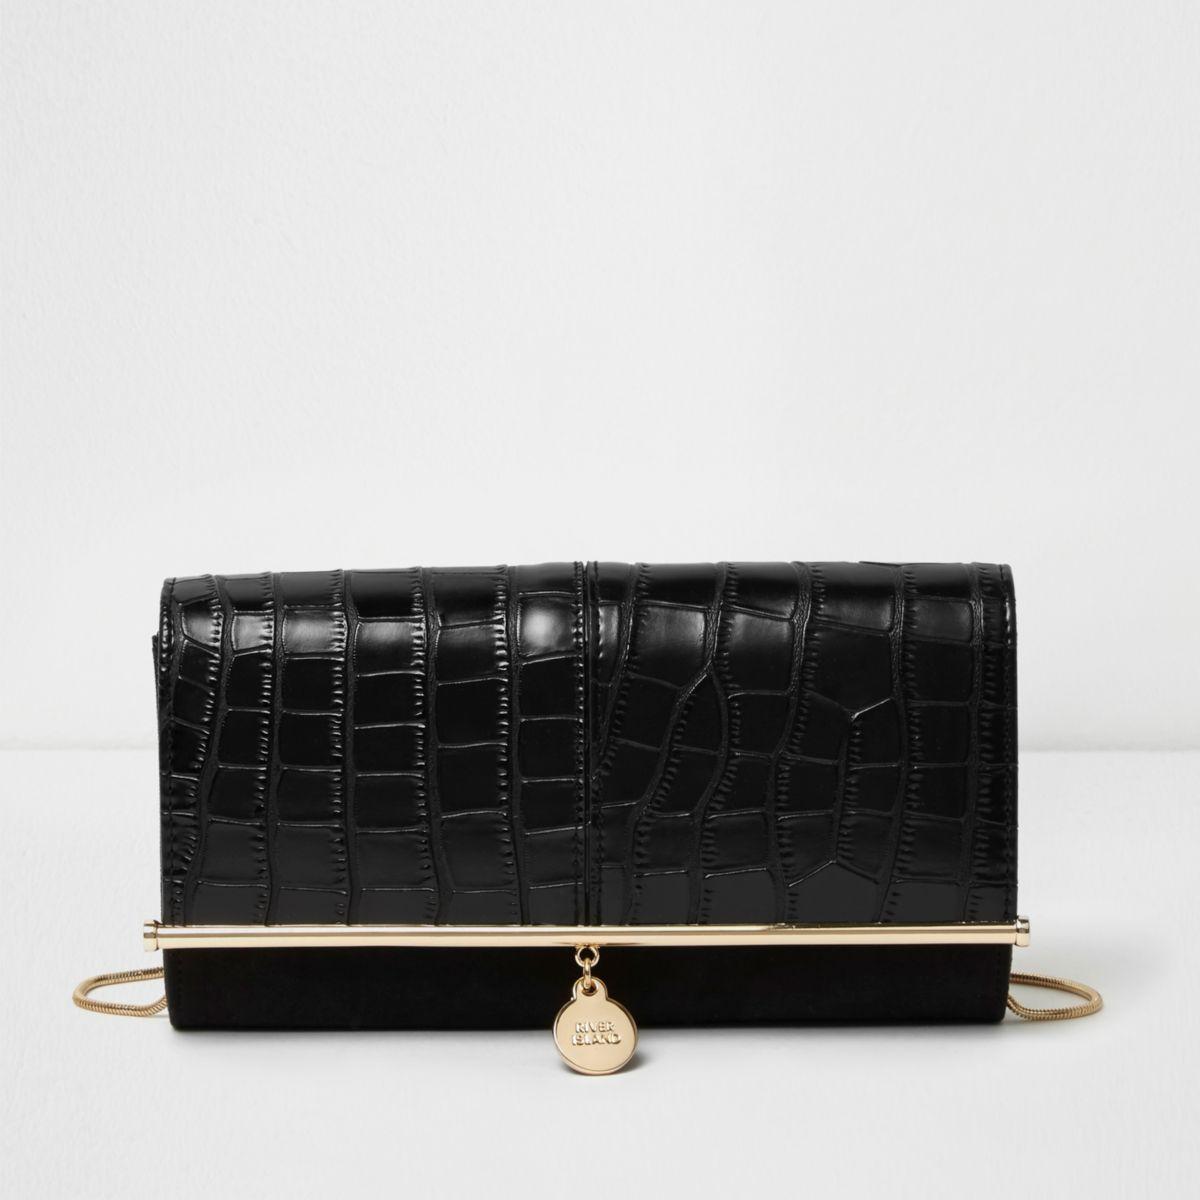 Zwarte clutch met krokodillenprint in reliëf